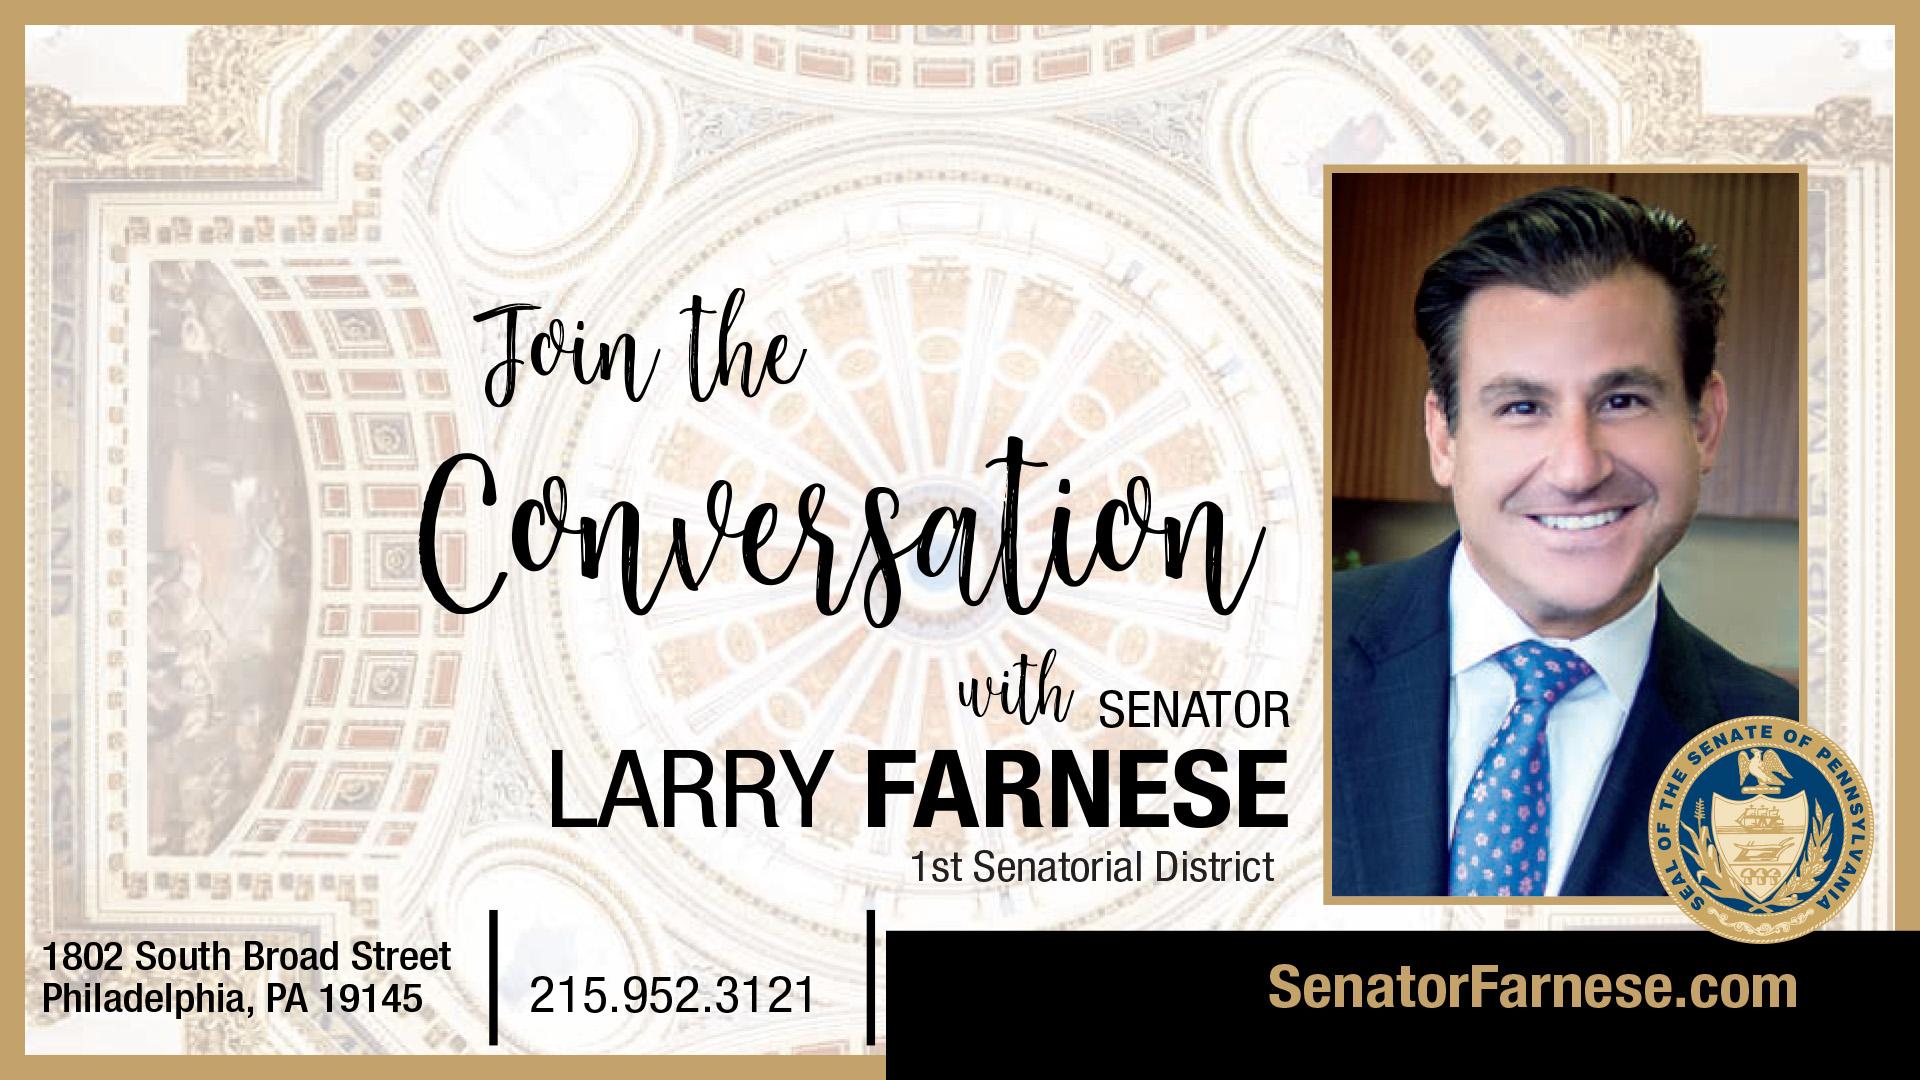 PA State Senator Larry Farnese